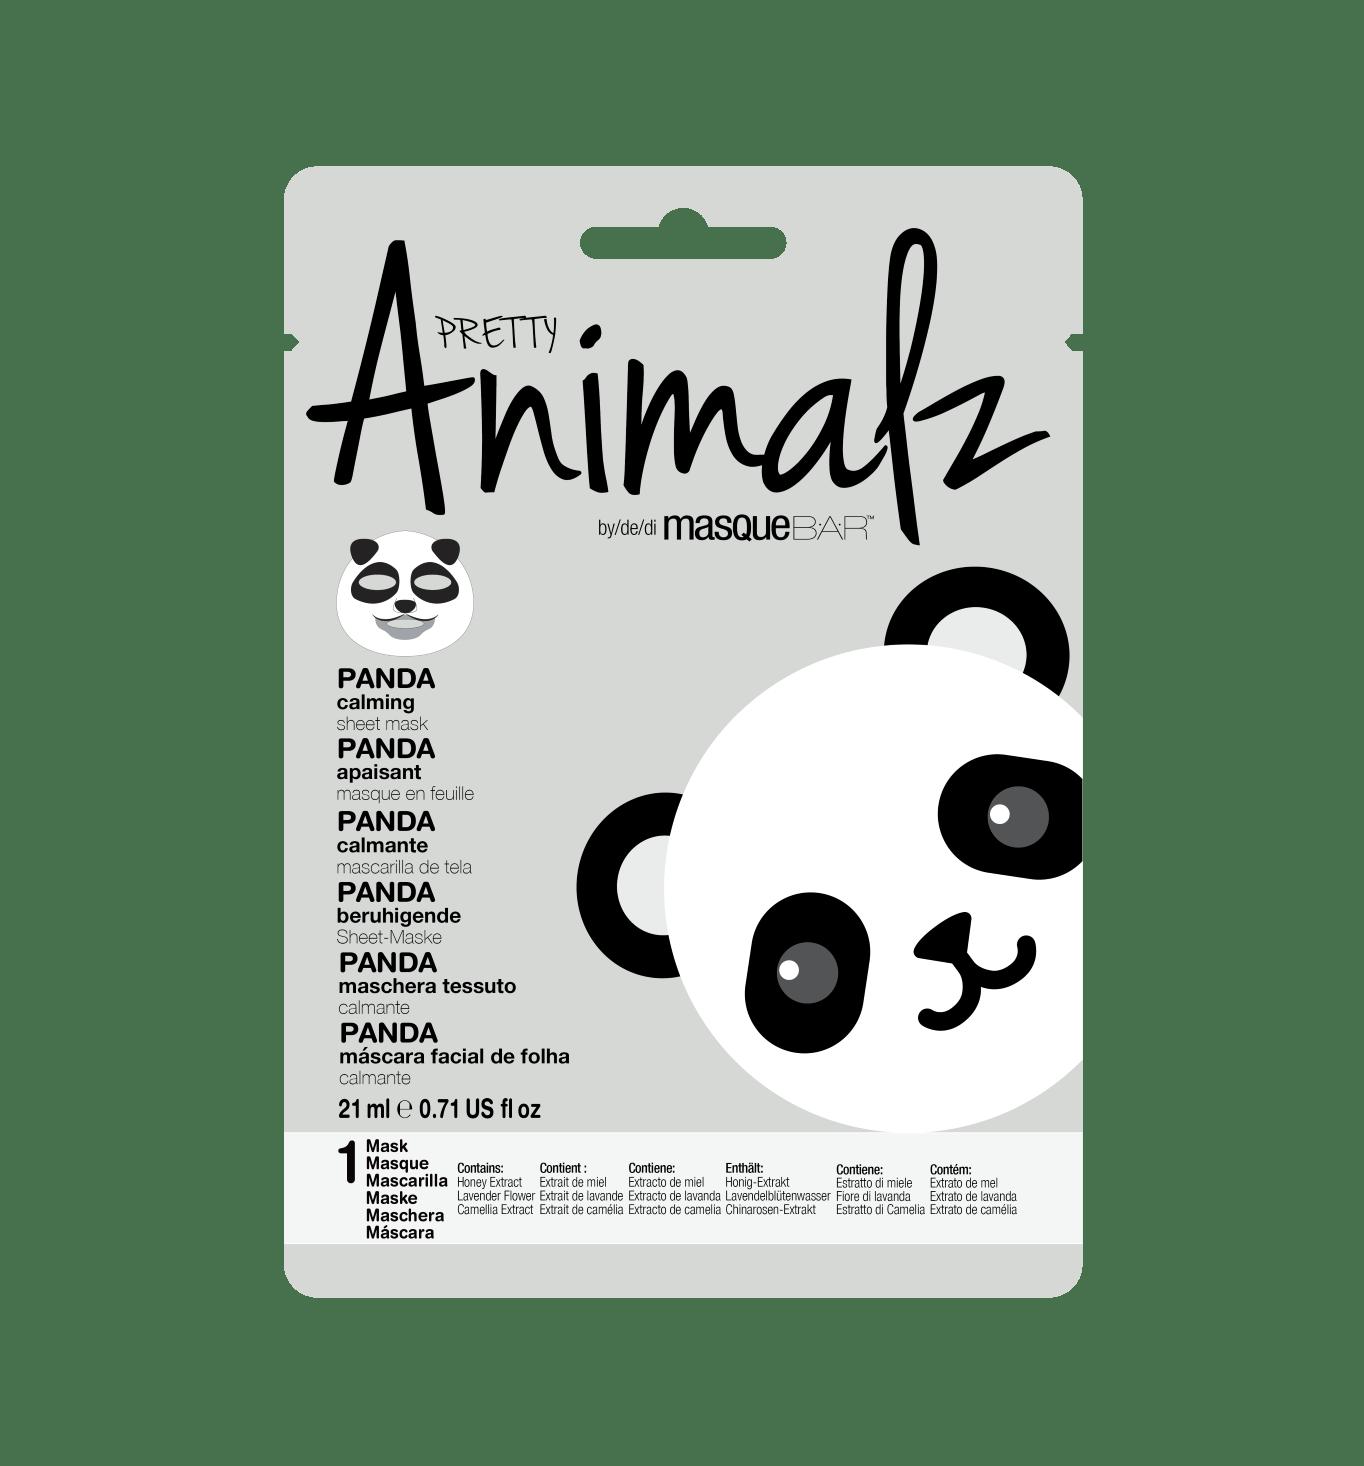 Mascarilla Pretty Animalz Panda